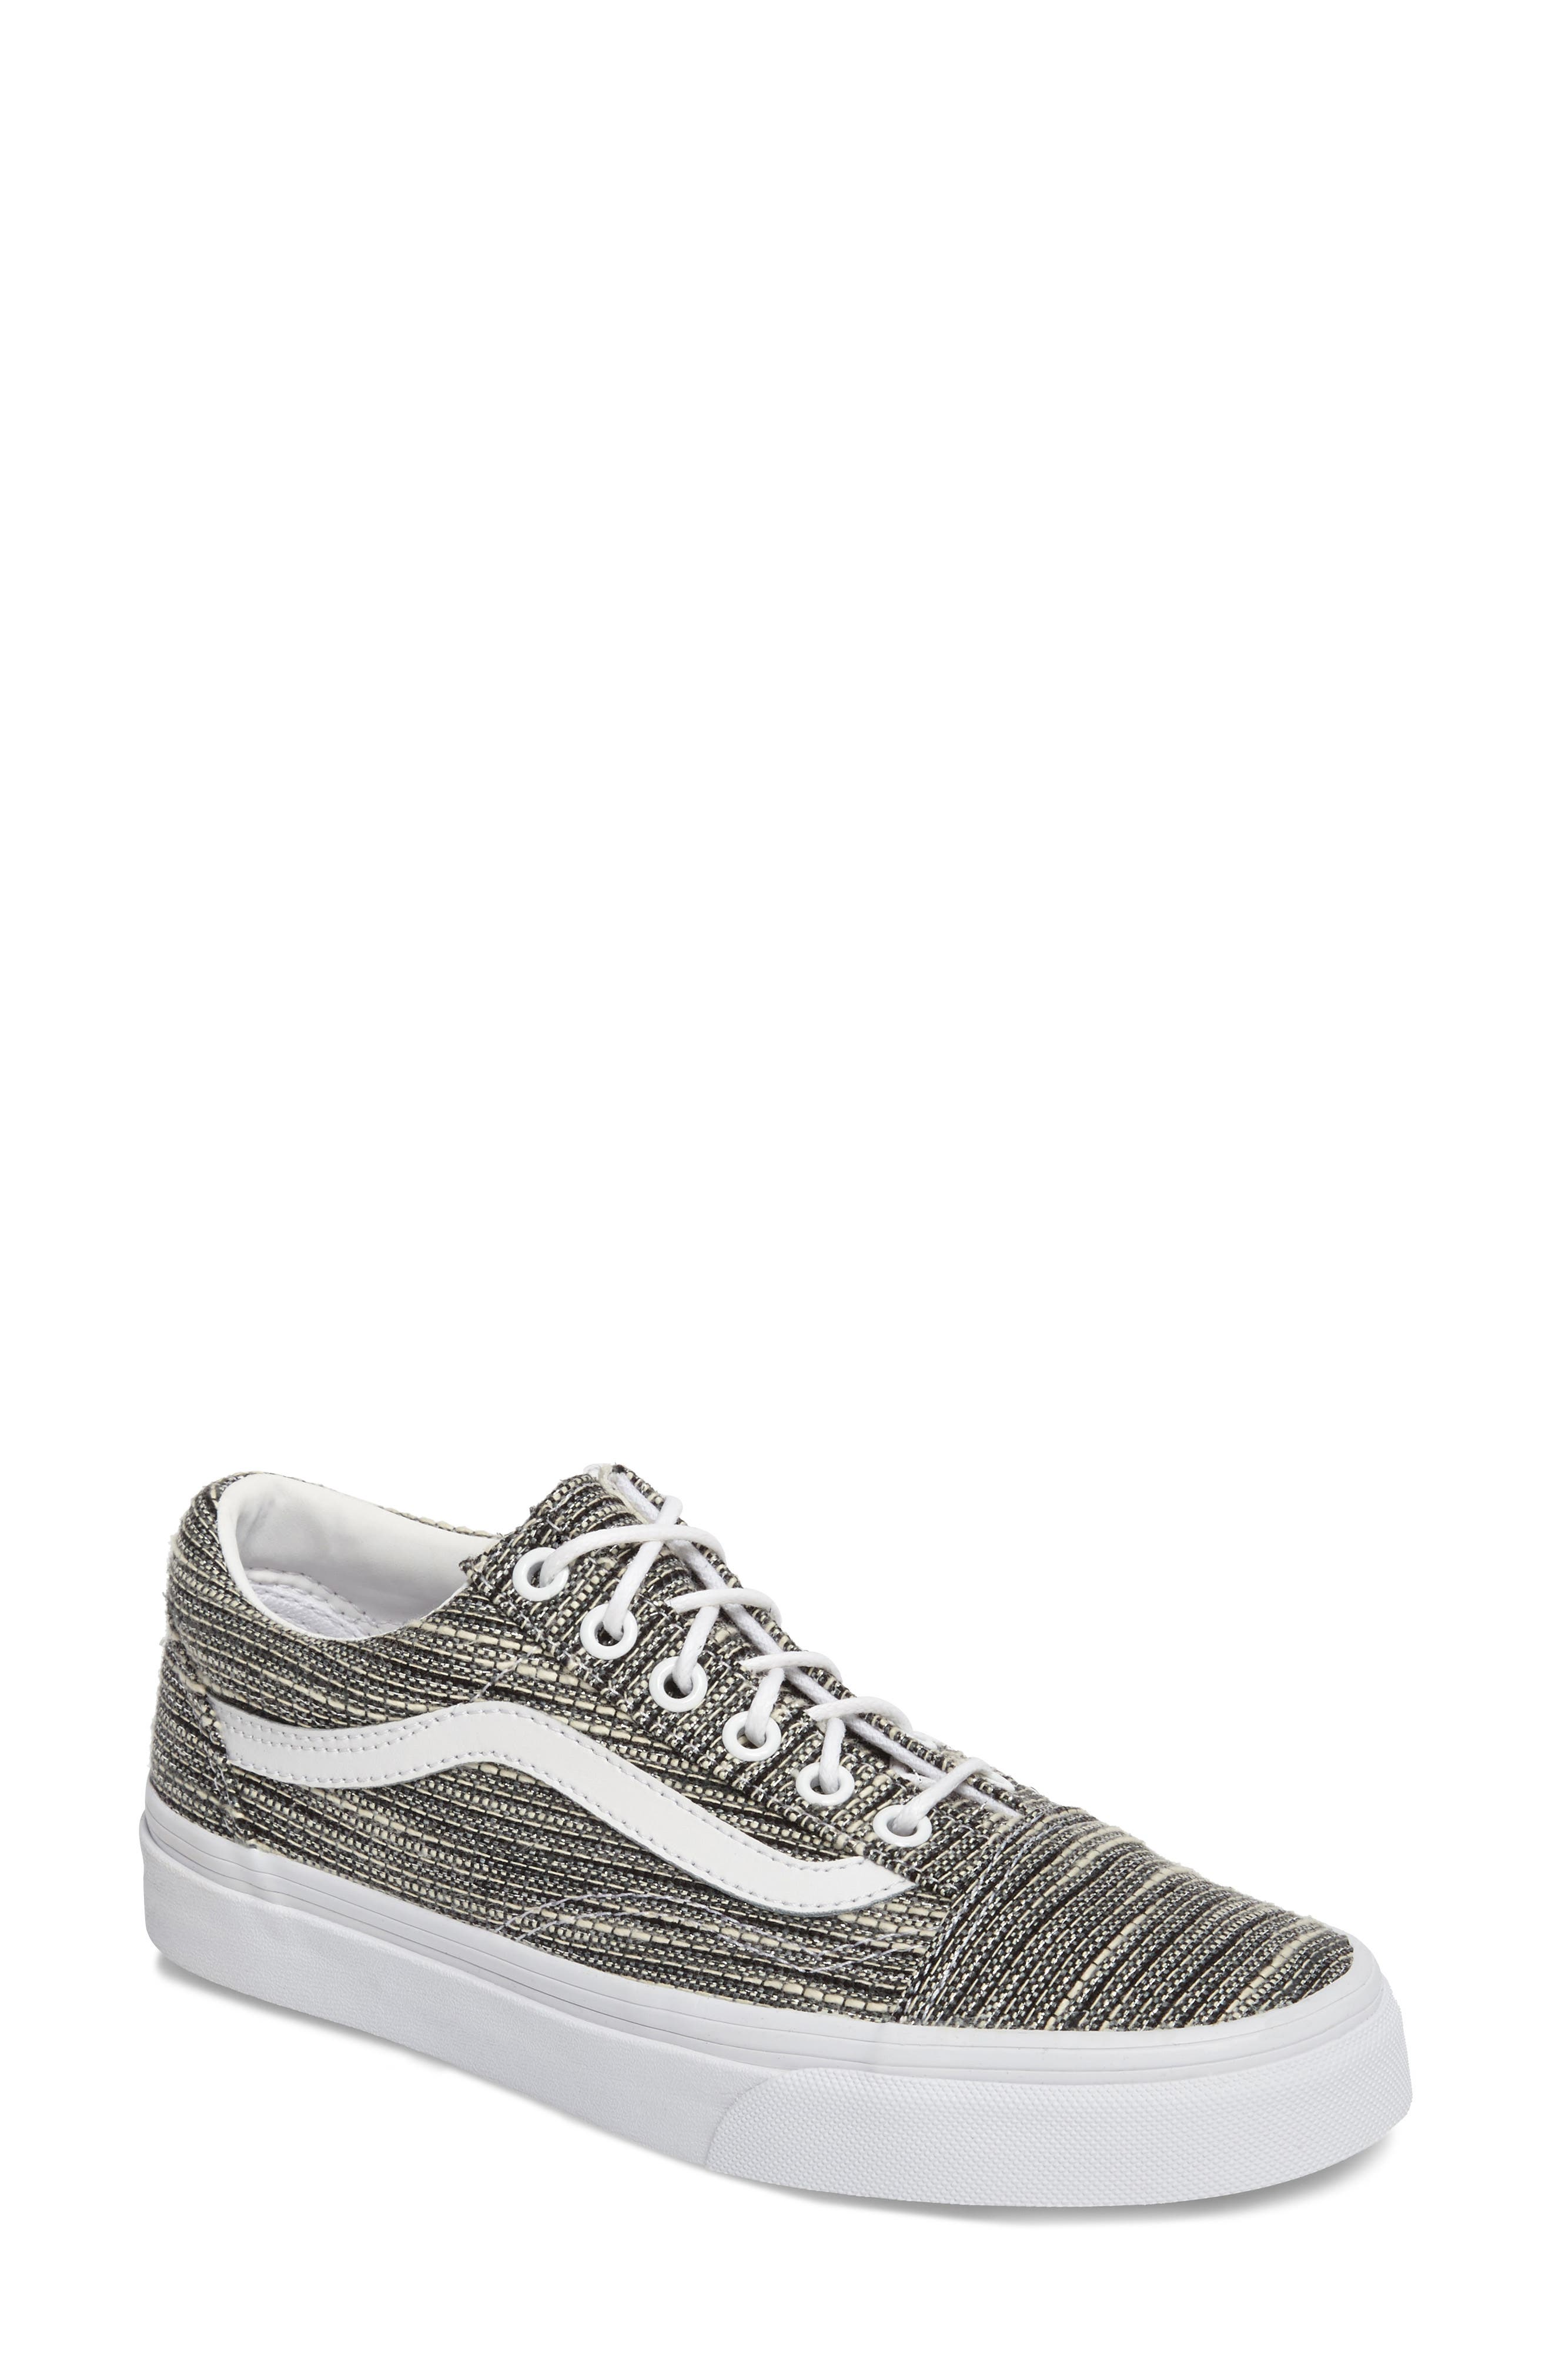 Alternate Image 1 Selected - Vans Old Skool Sneaker (Women)